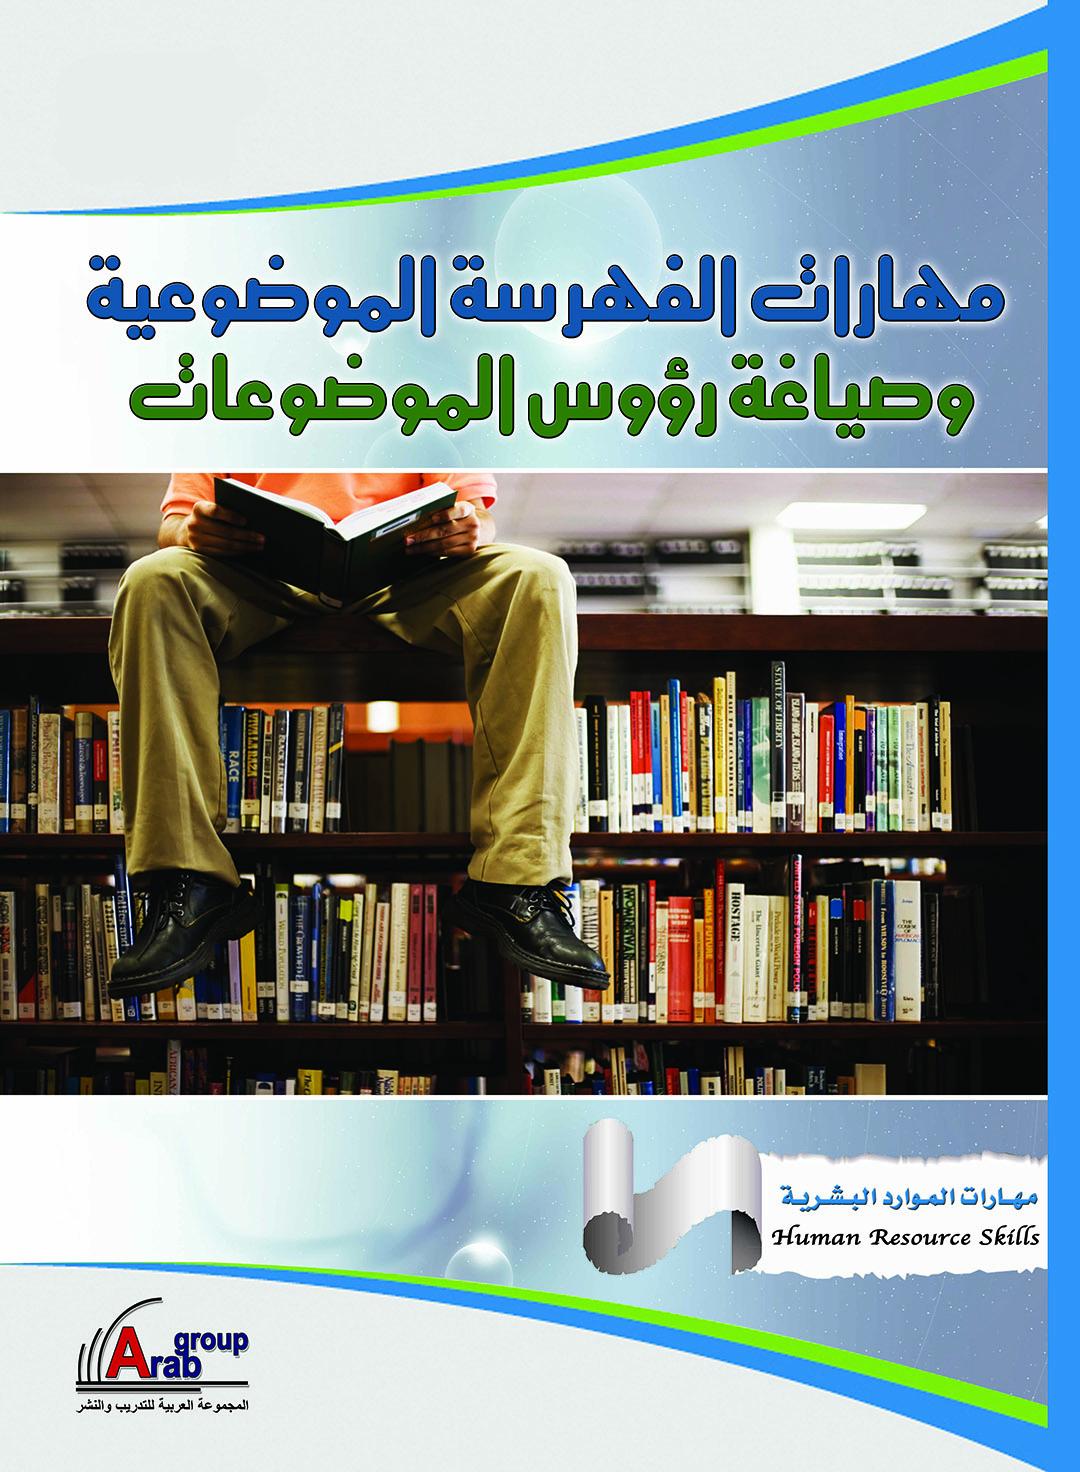 مهارات الفهرسة الموضوعية وصياغة رؤوس الموضوعات